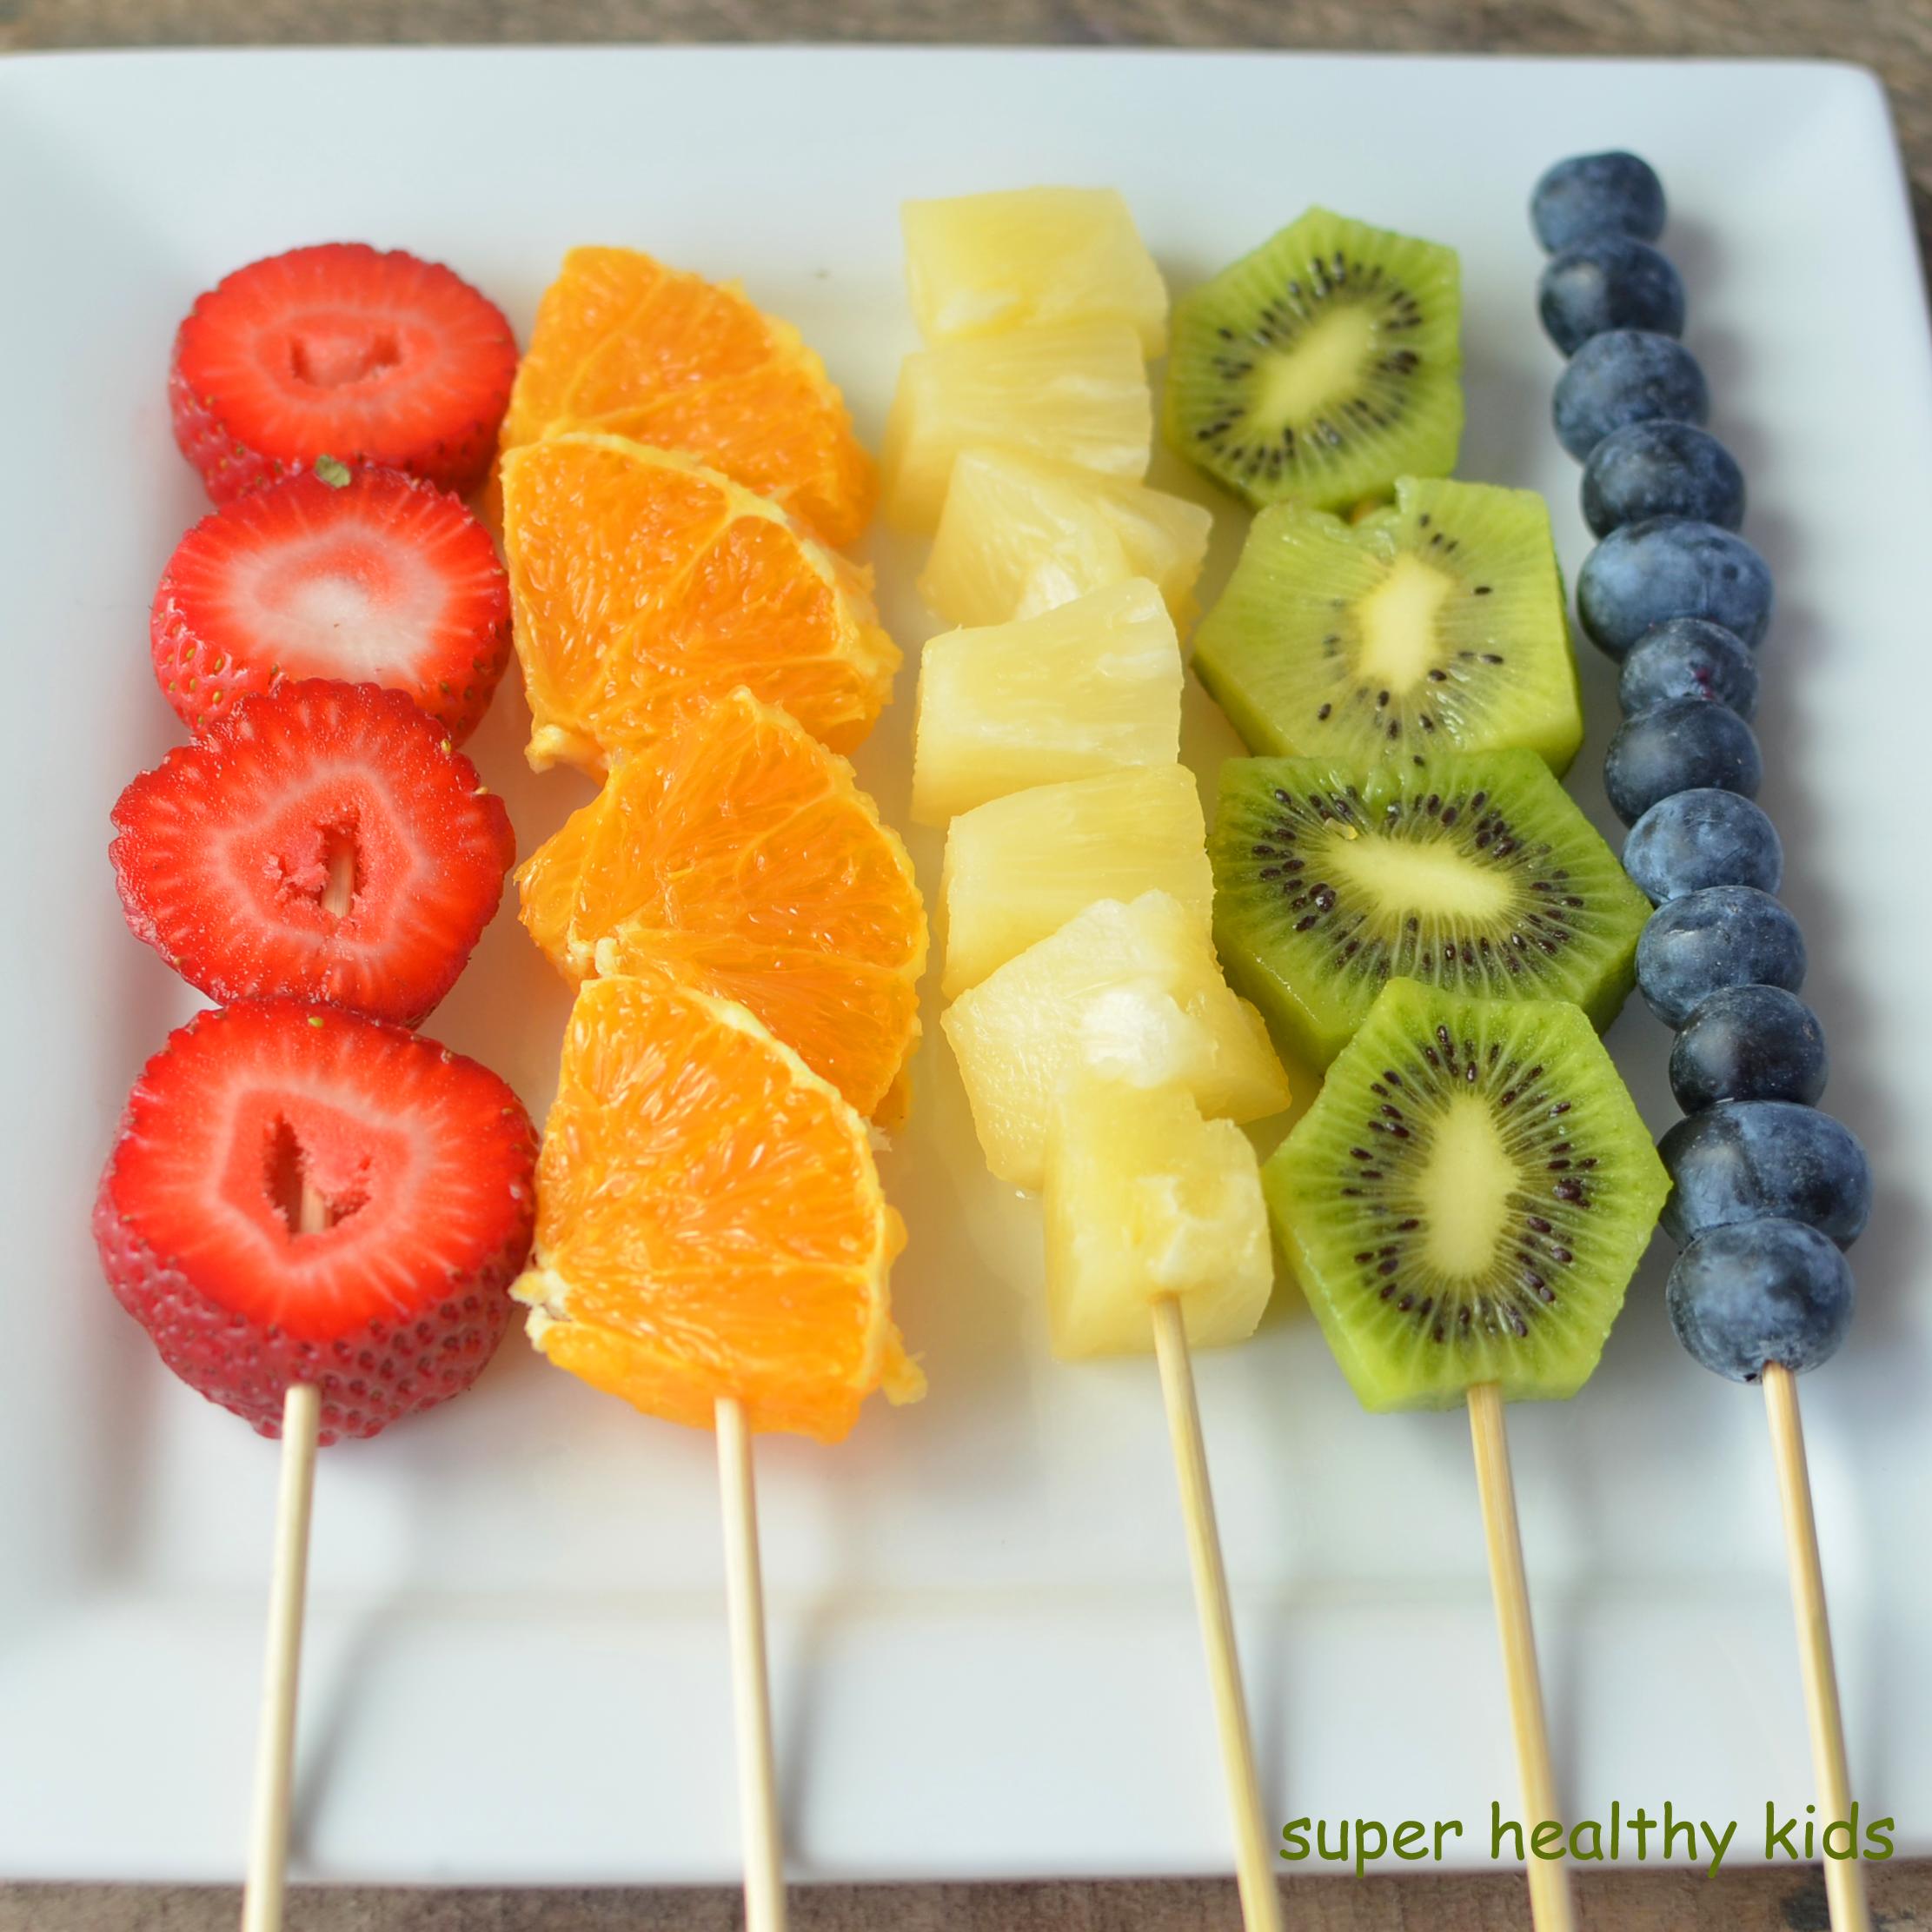 Eating A Rainbow Of Food Helps Us To Get A Variety Of Antioxidants And Nutrients Rainbow Hea Bocaditos De Frutas Pinchos De Frutas Recetas De Comida Fáciles